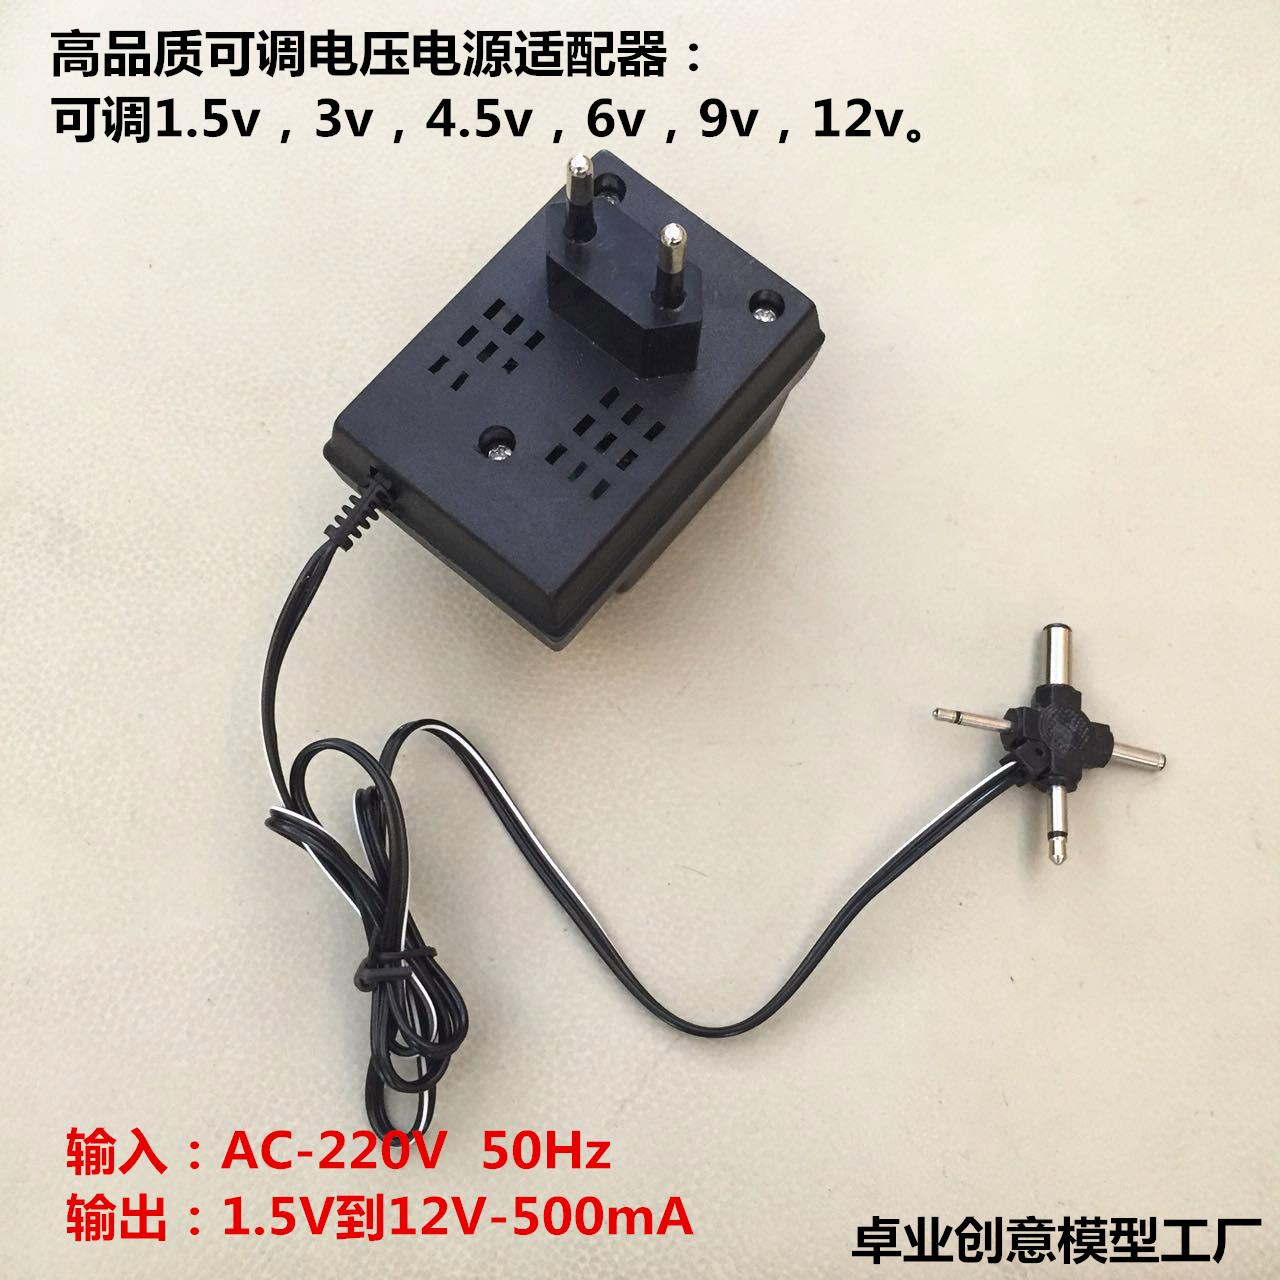 IL trasformatore adattatore 1.5V3v4.5v12V regolabile frequenza variabile di energia universale l'adattatore di Corrente